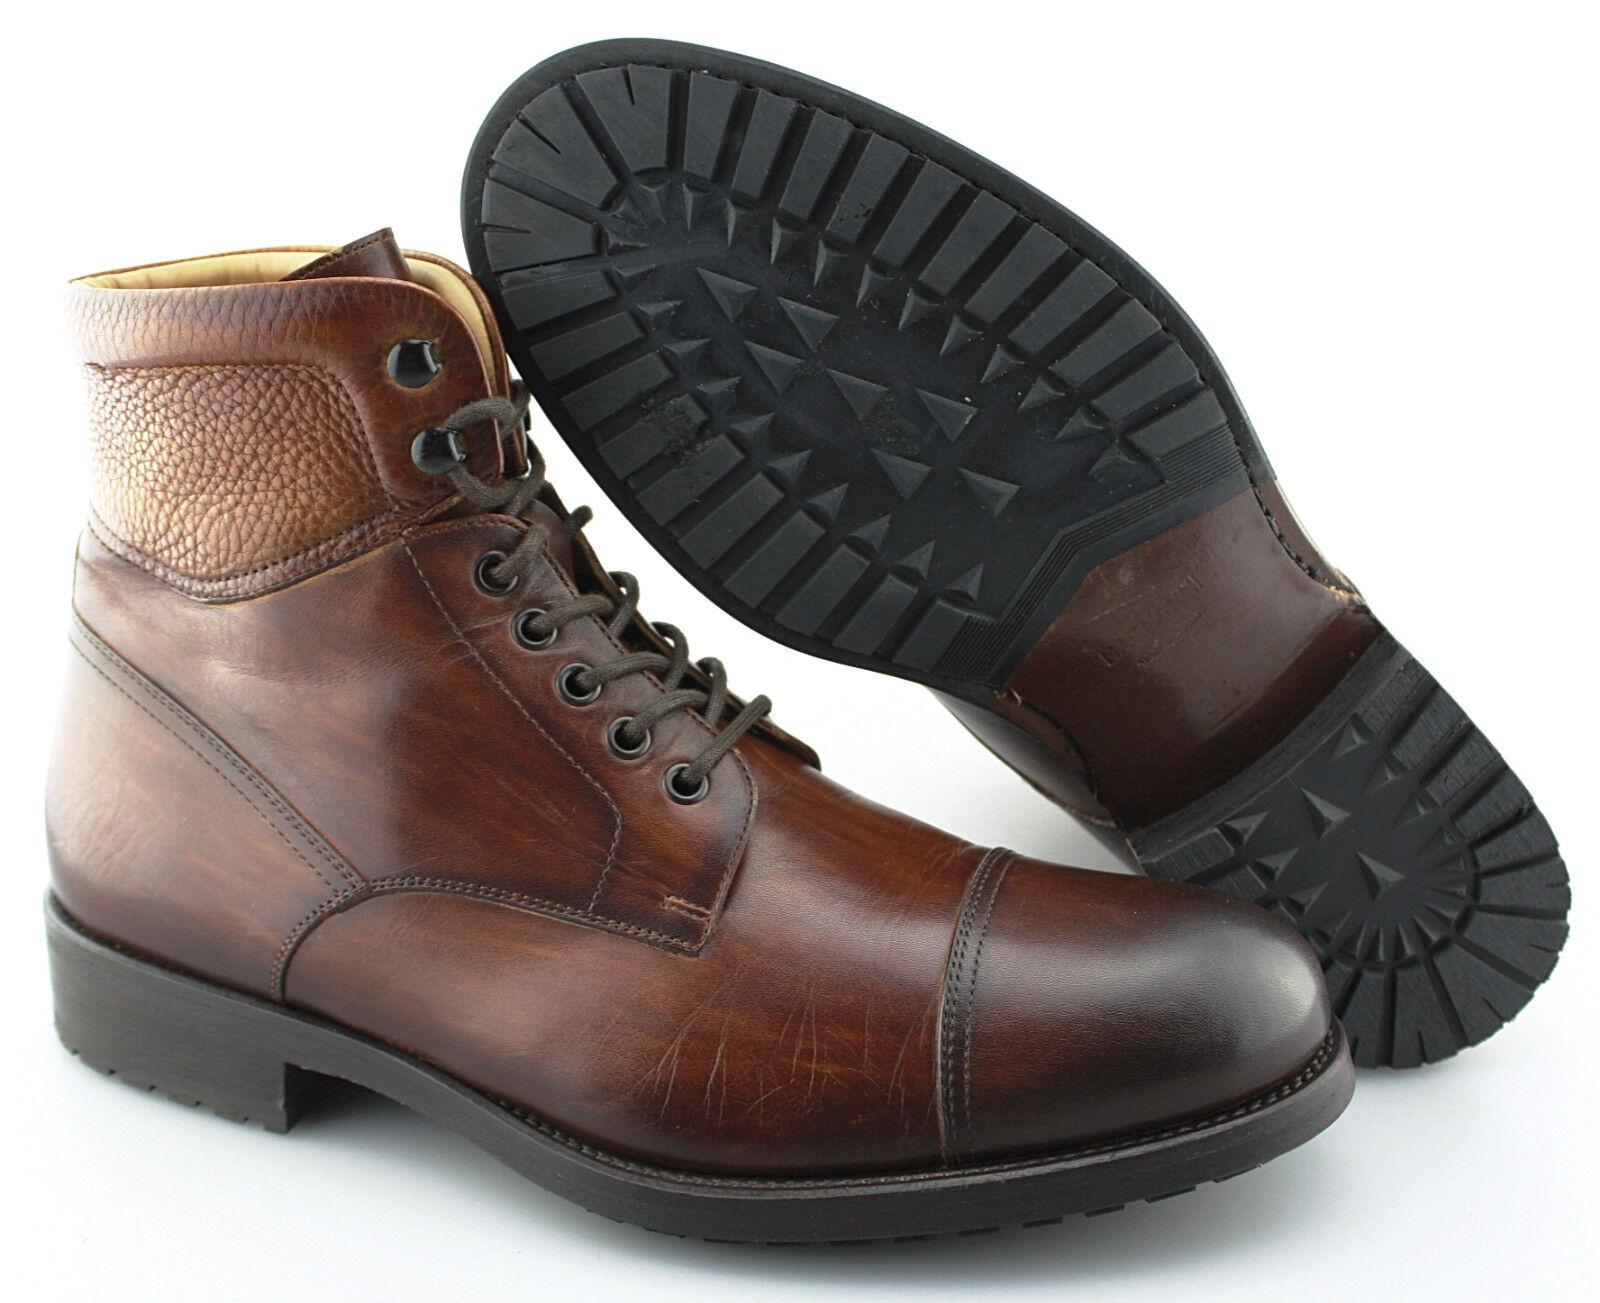 Men's MAGNANNI 'Peyton' Cognac Brown Leather Cap Toe Boots Size US 8.5 - D